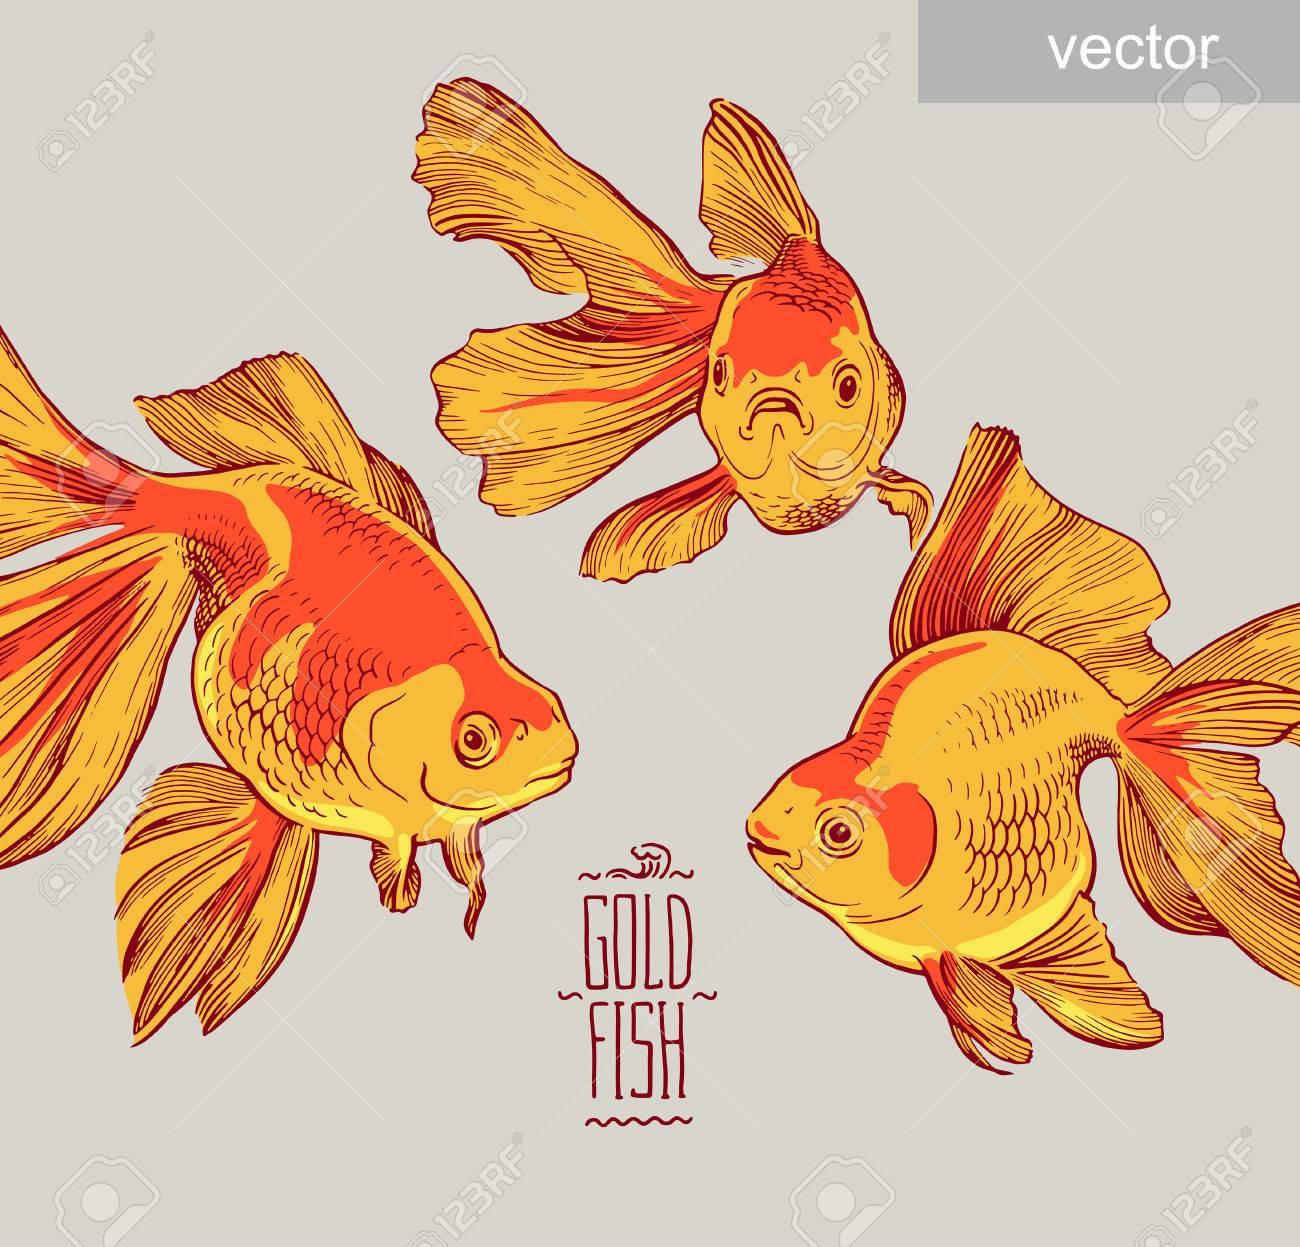 金魚イラスト作品ライン水中色野生動物のイラスト素材ベクタ Image